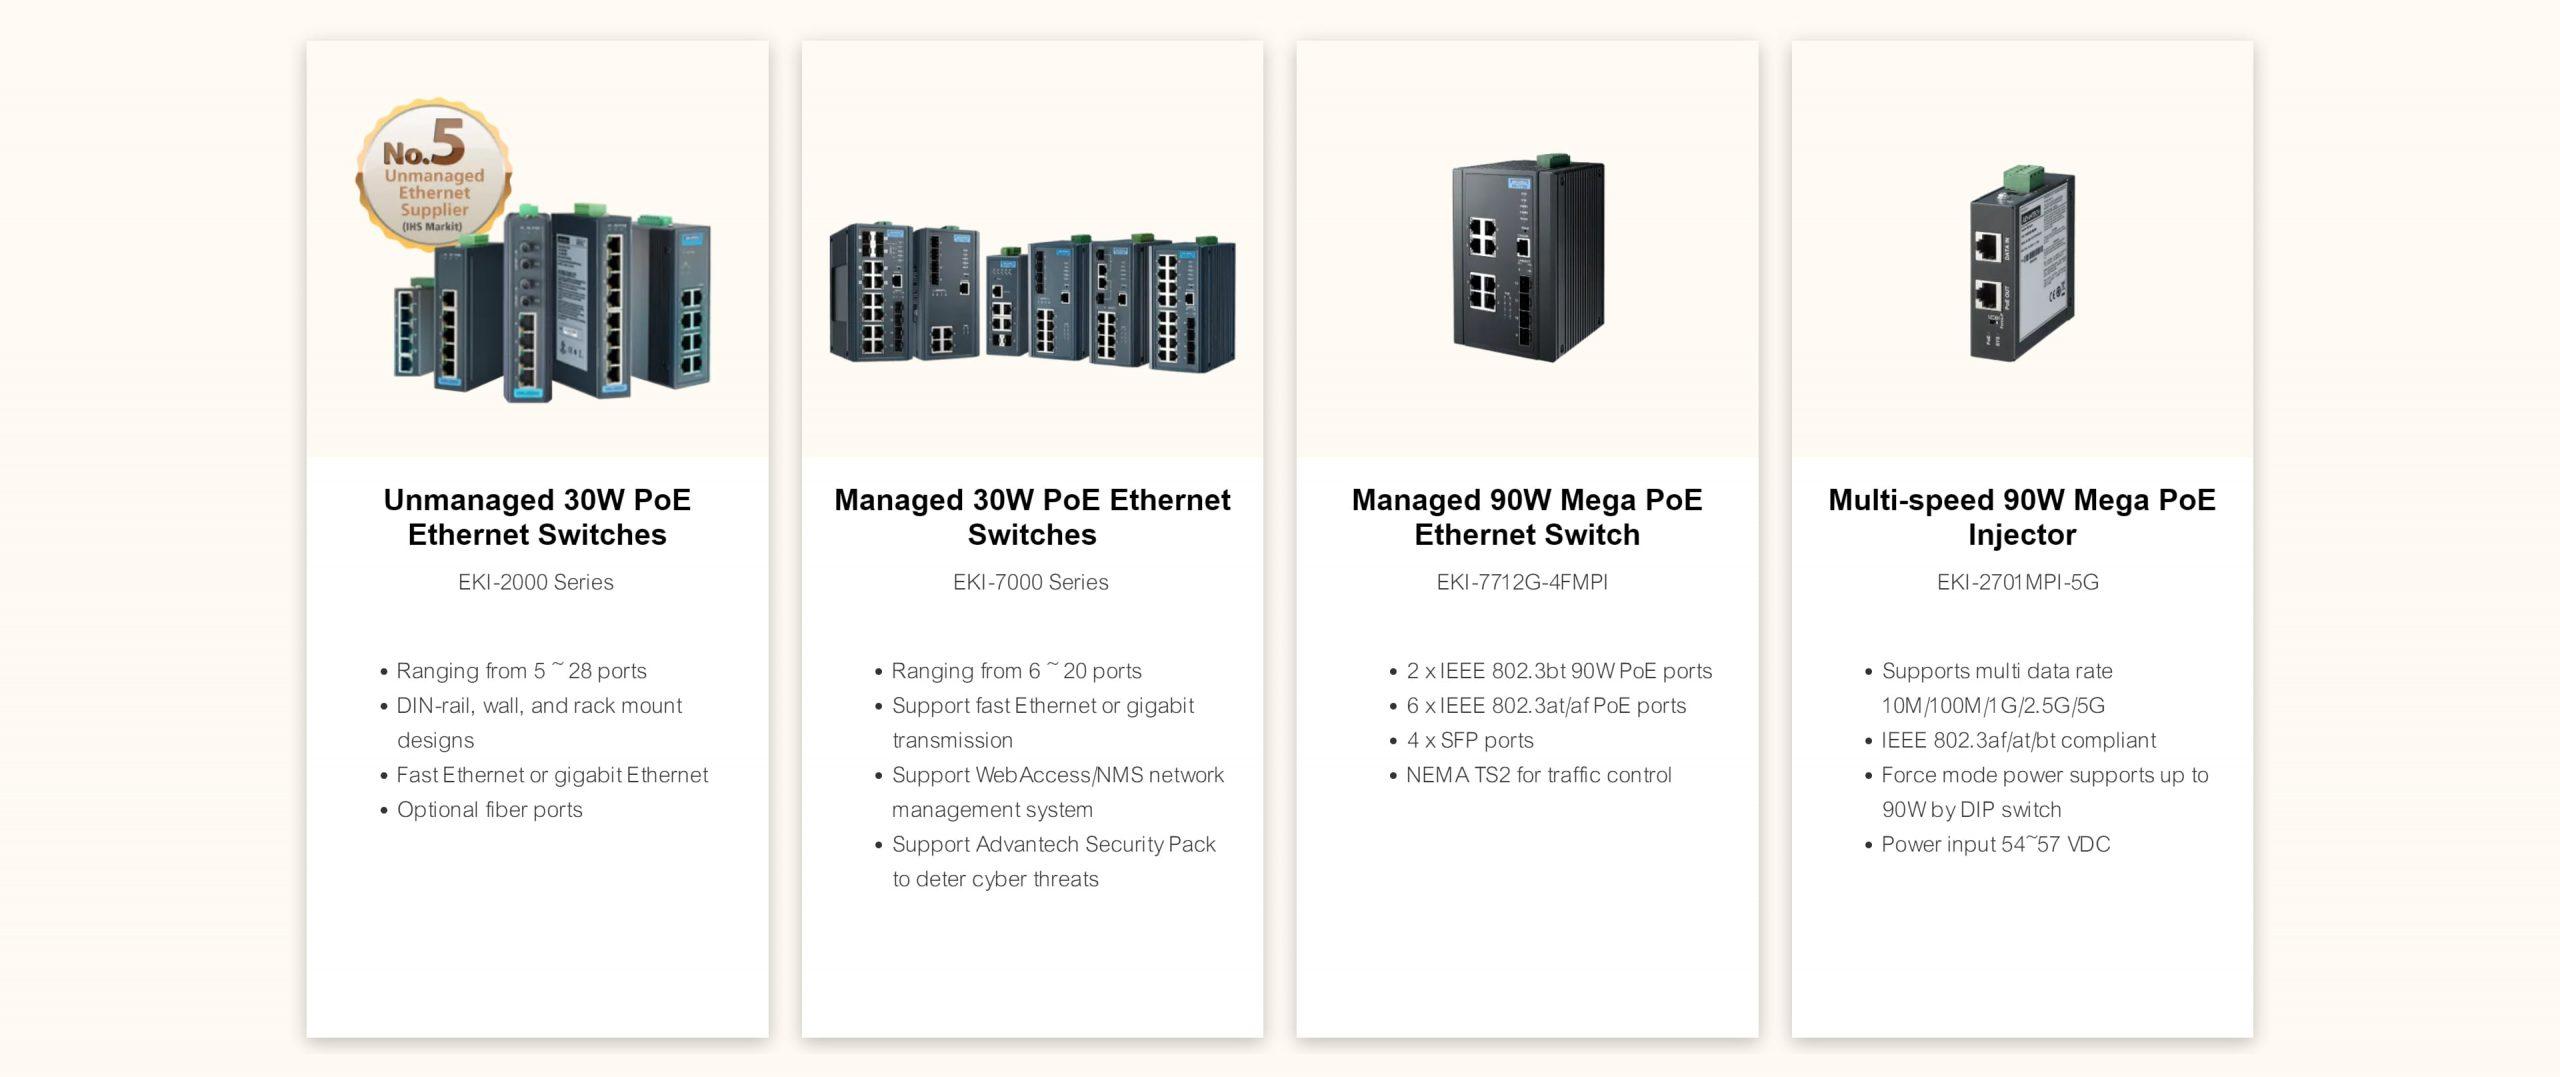 Amplicon middle east-advantech-intelligent-connectivity-en-surveillance-transportation-hub-2021-09-19-12_25_54_03-min